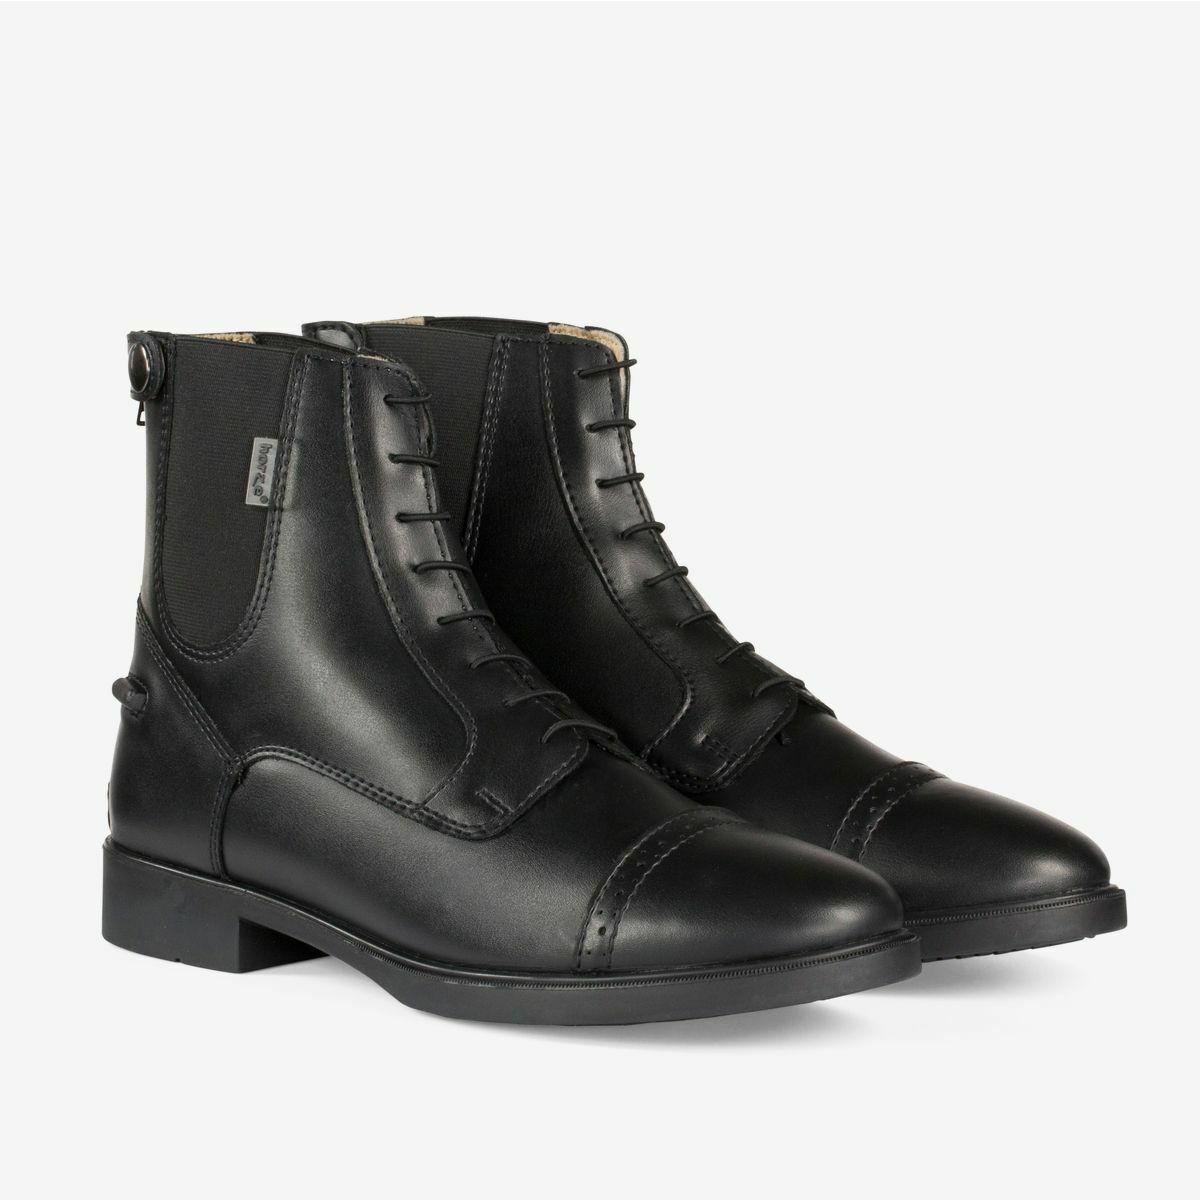 Horze Kilkenny Sintético Paddock botas de montar con cremallera en la espalda con cordones Look